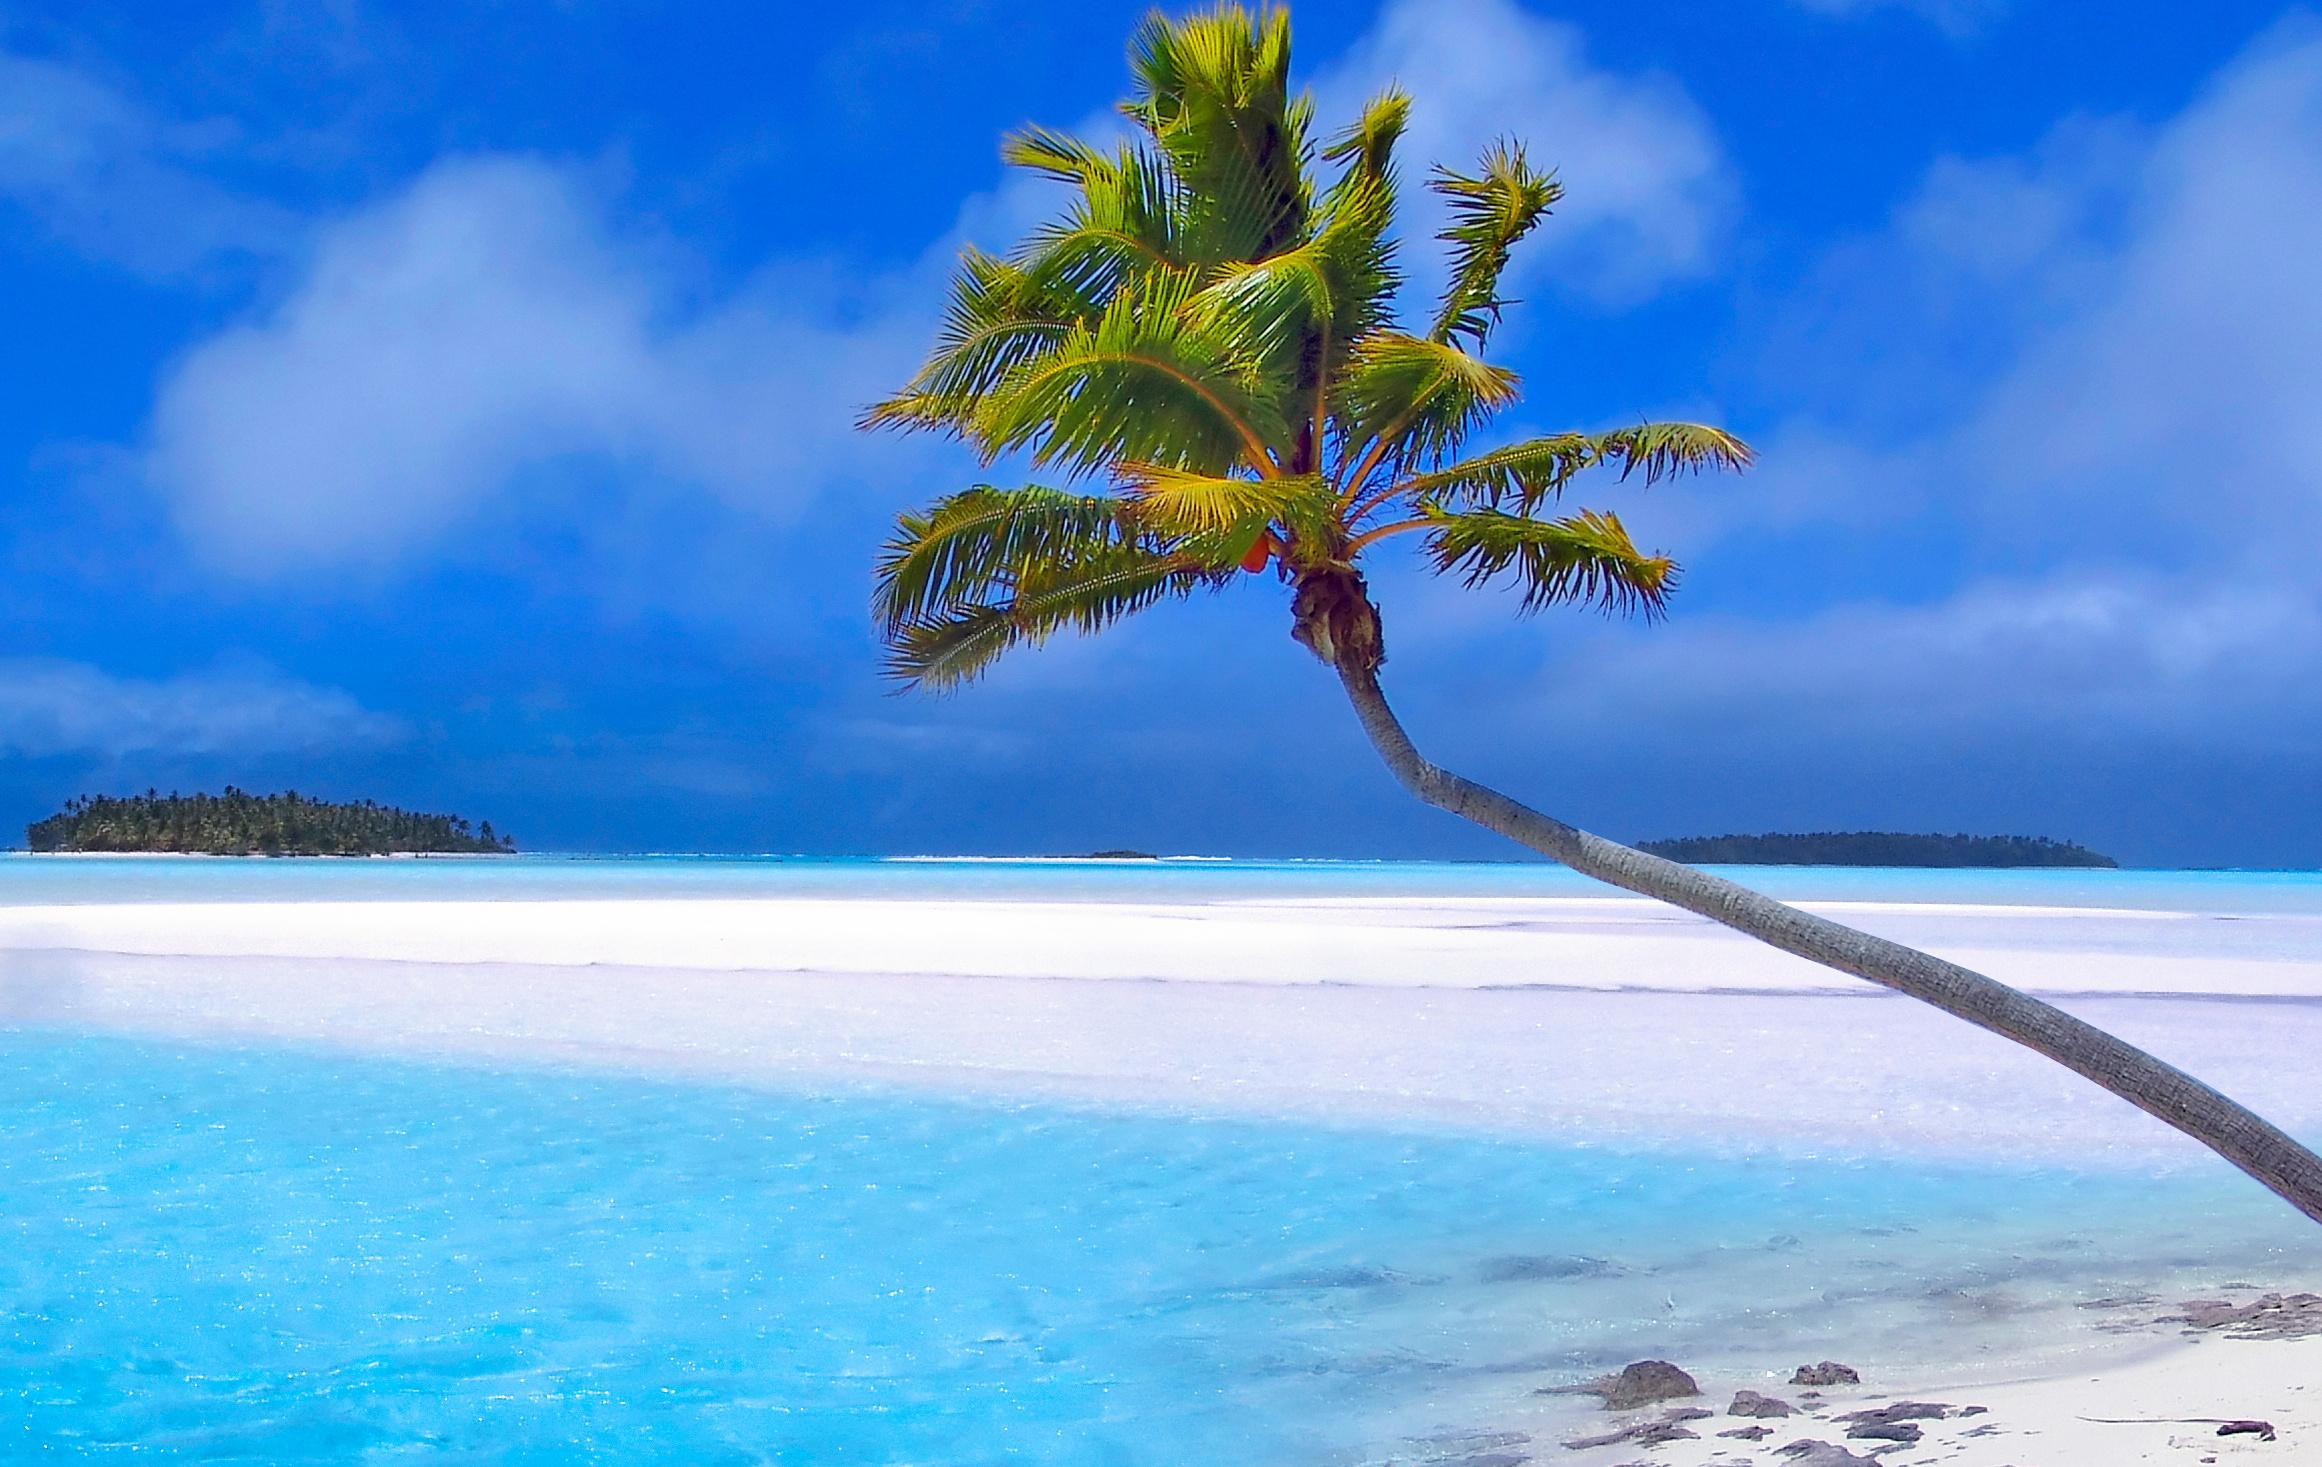 青い海とヤシの木